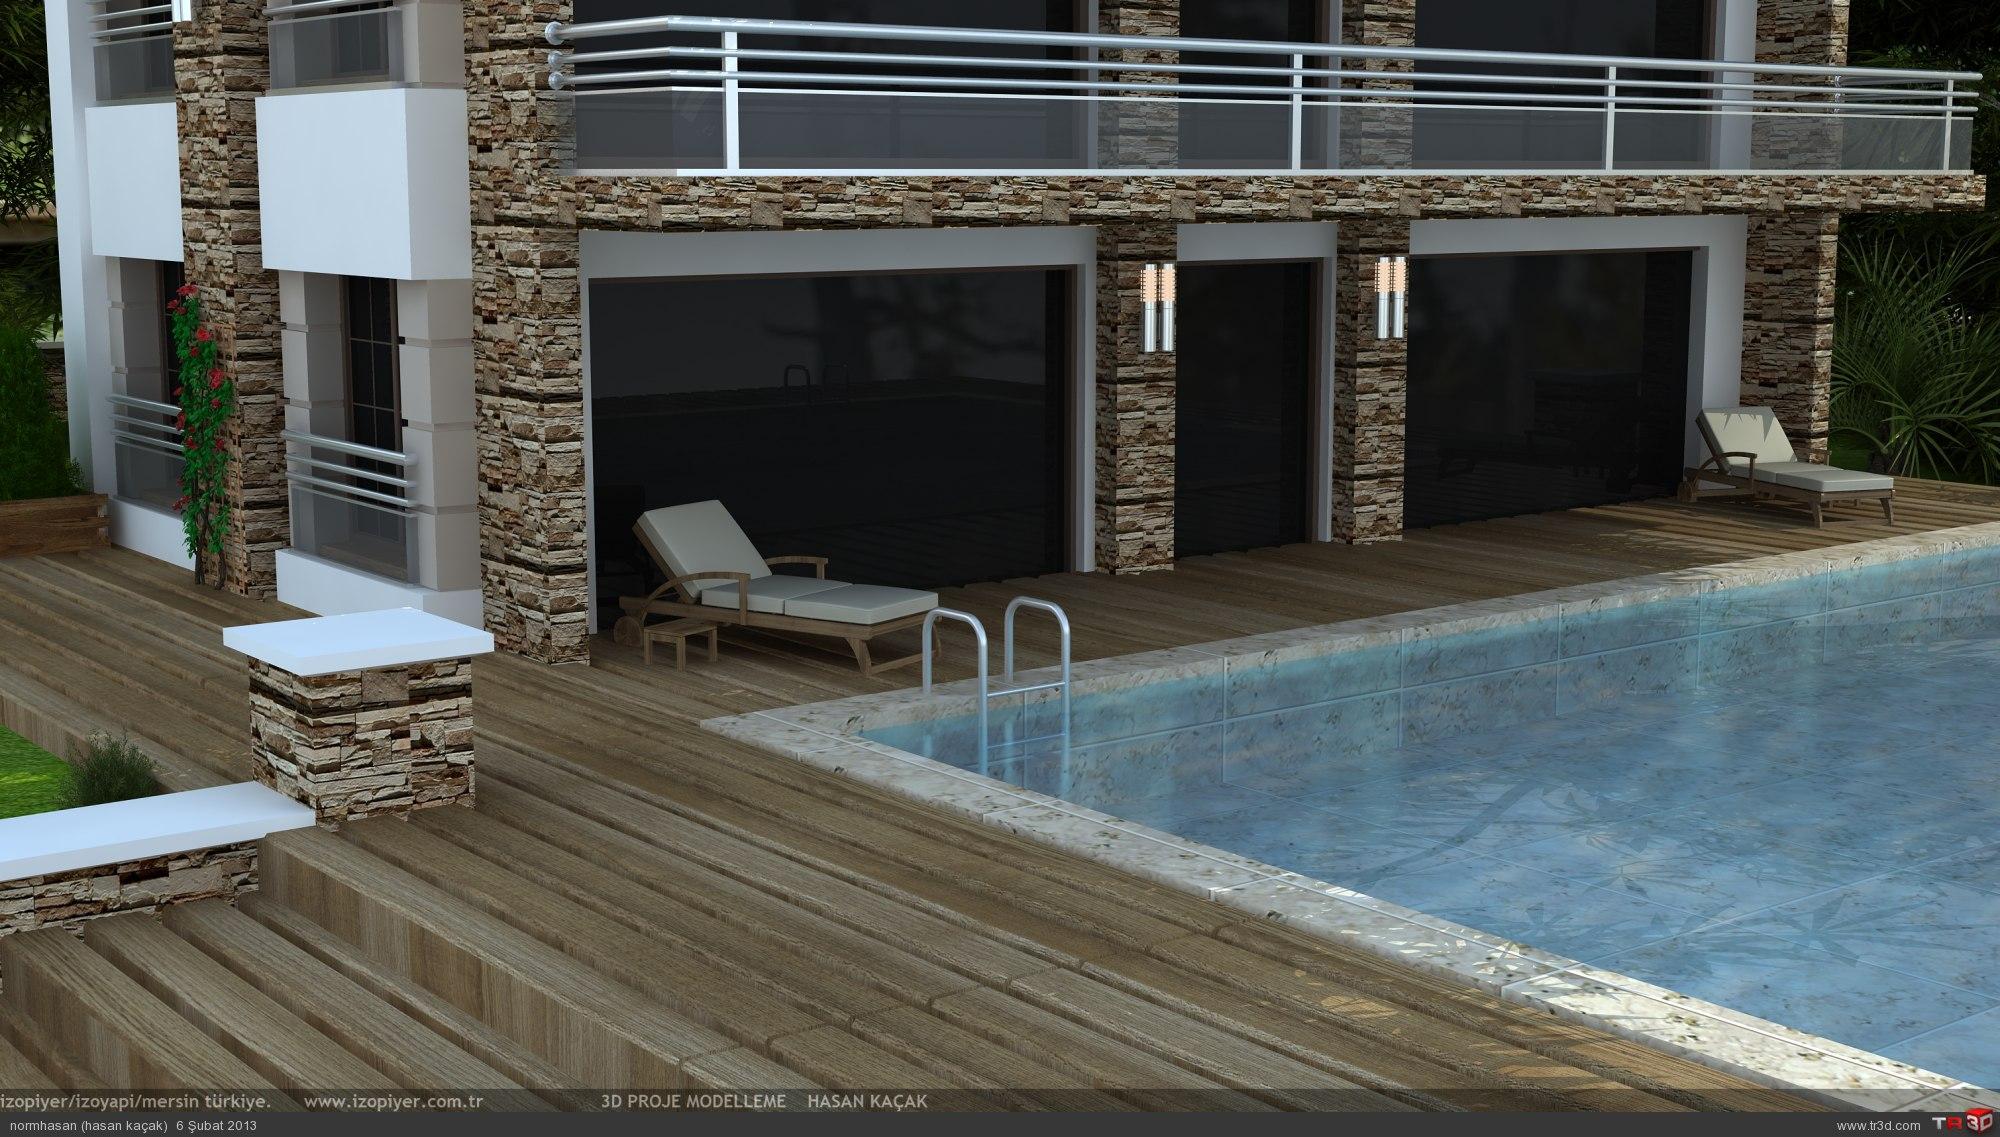 Iraq villa with pool 1